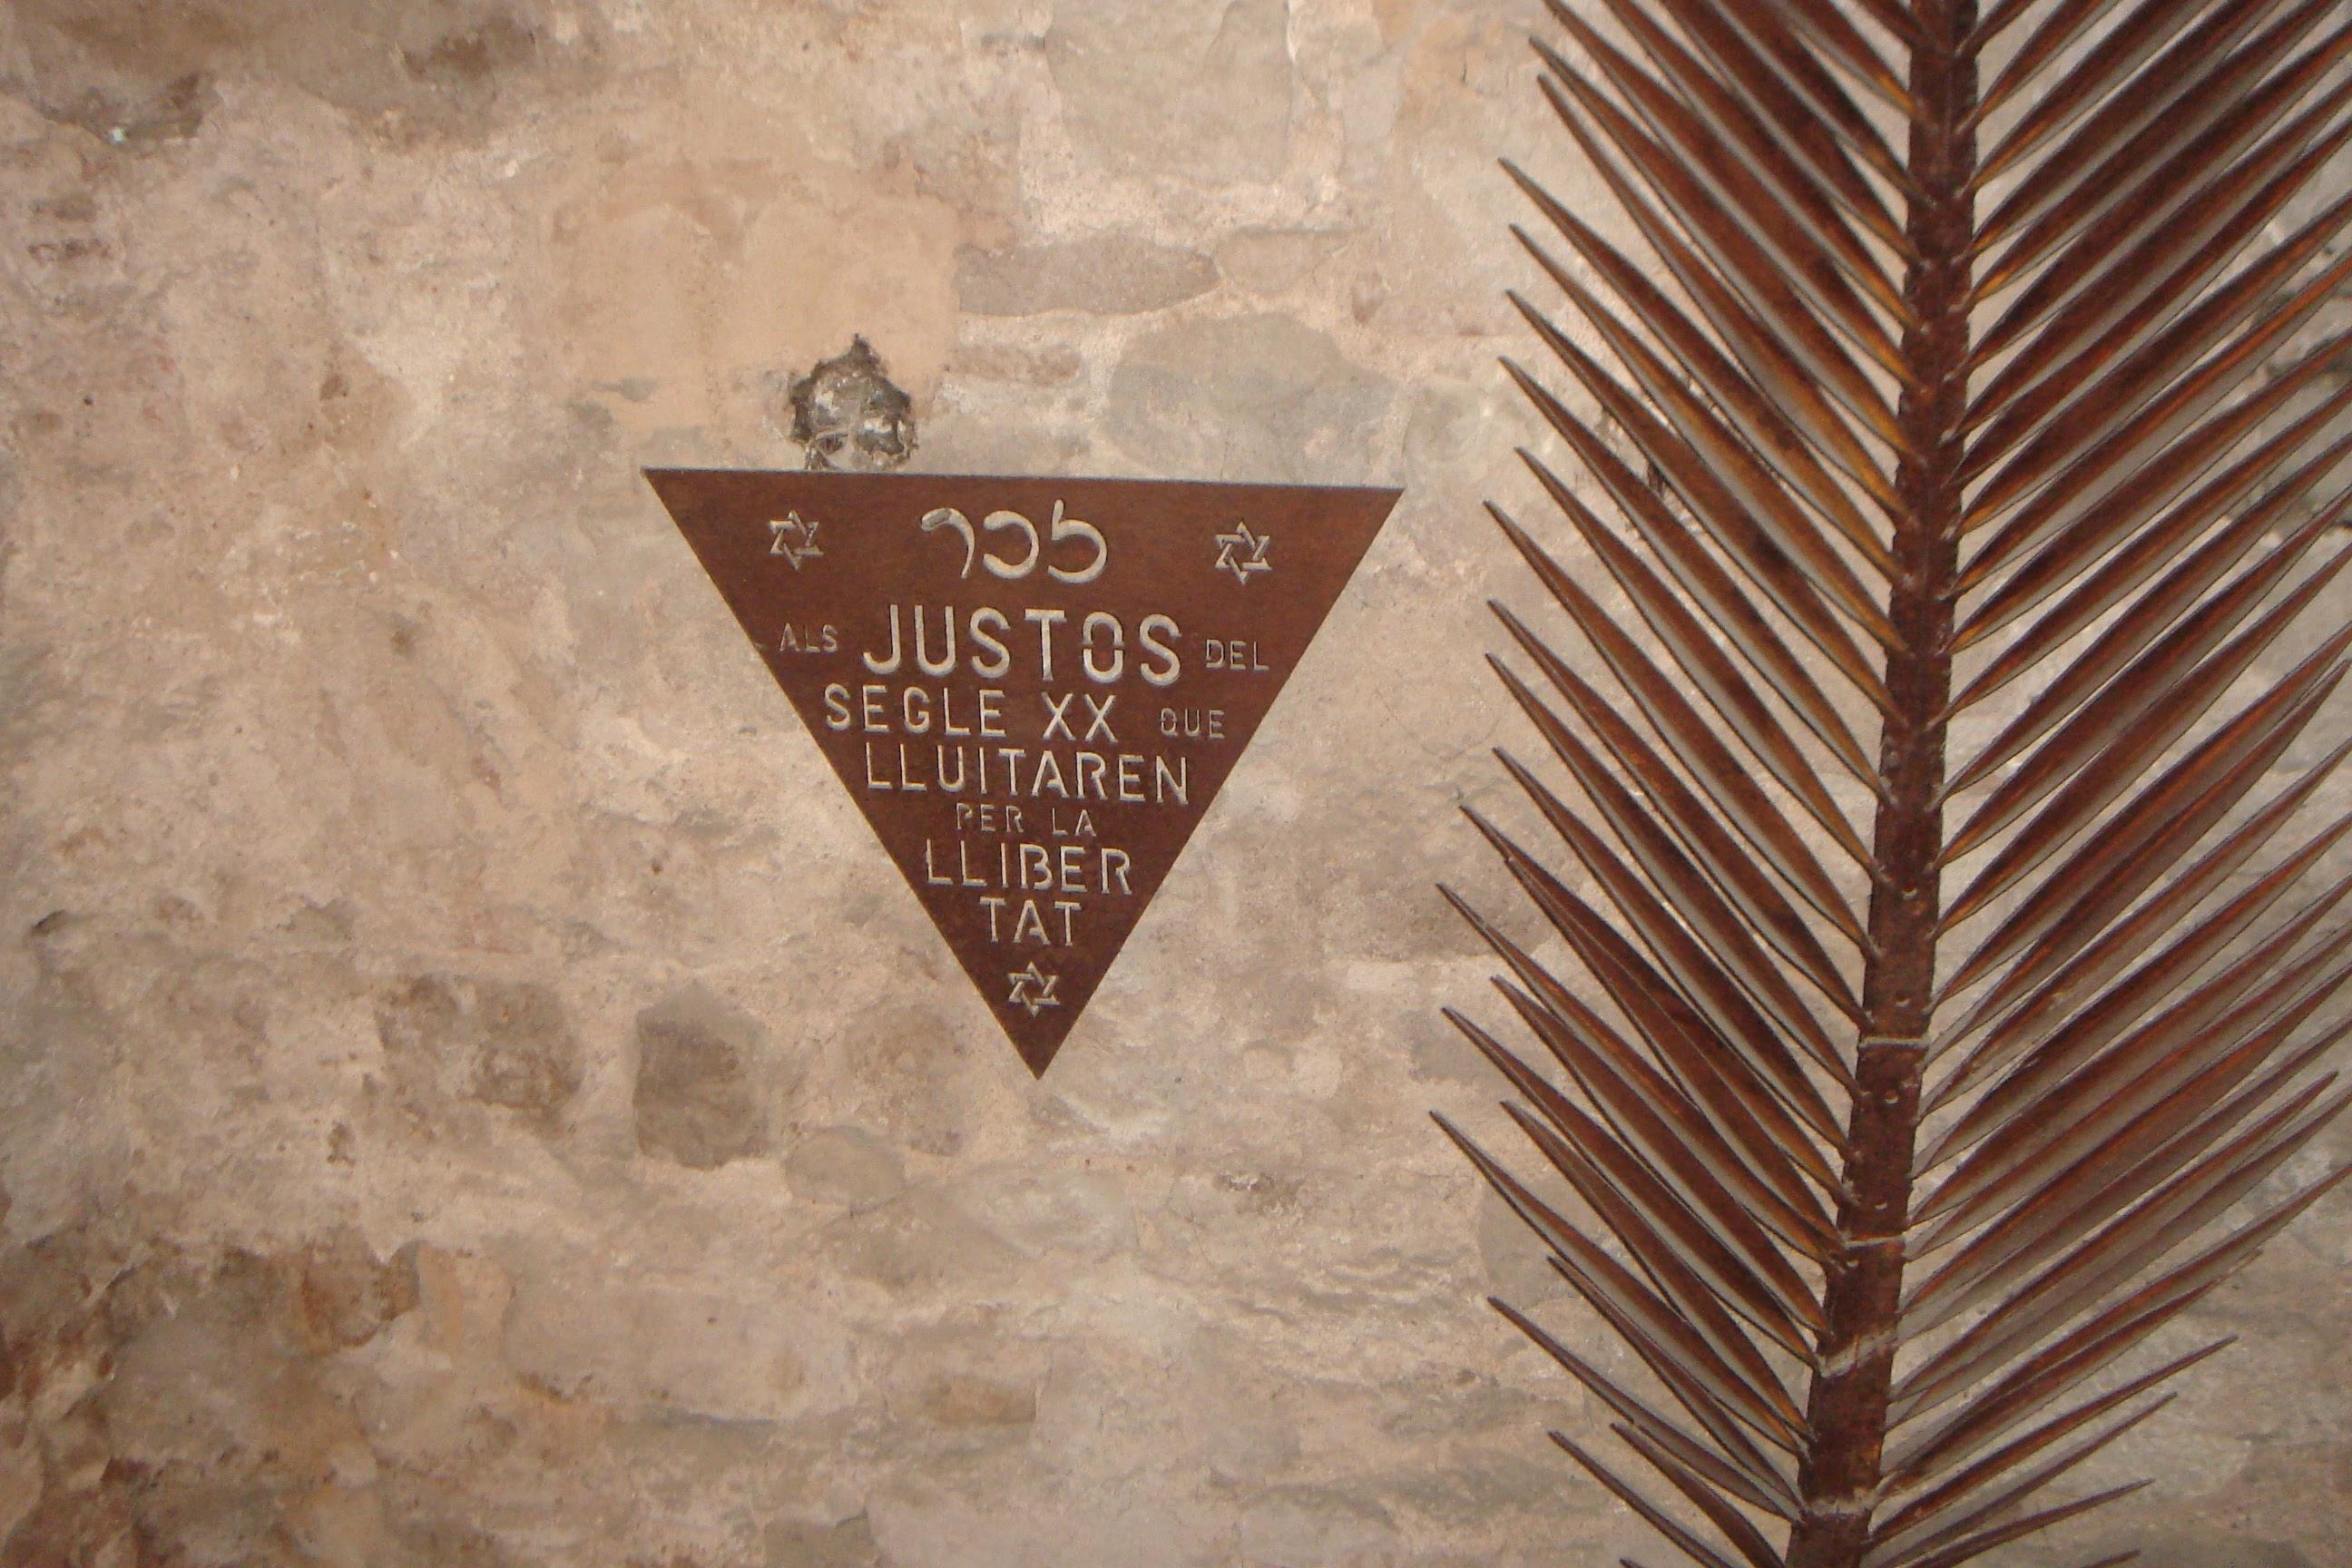 qr-gotic-antoni-muntanyola-35-copia